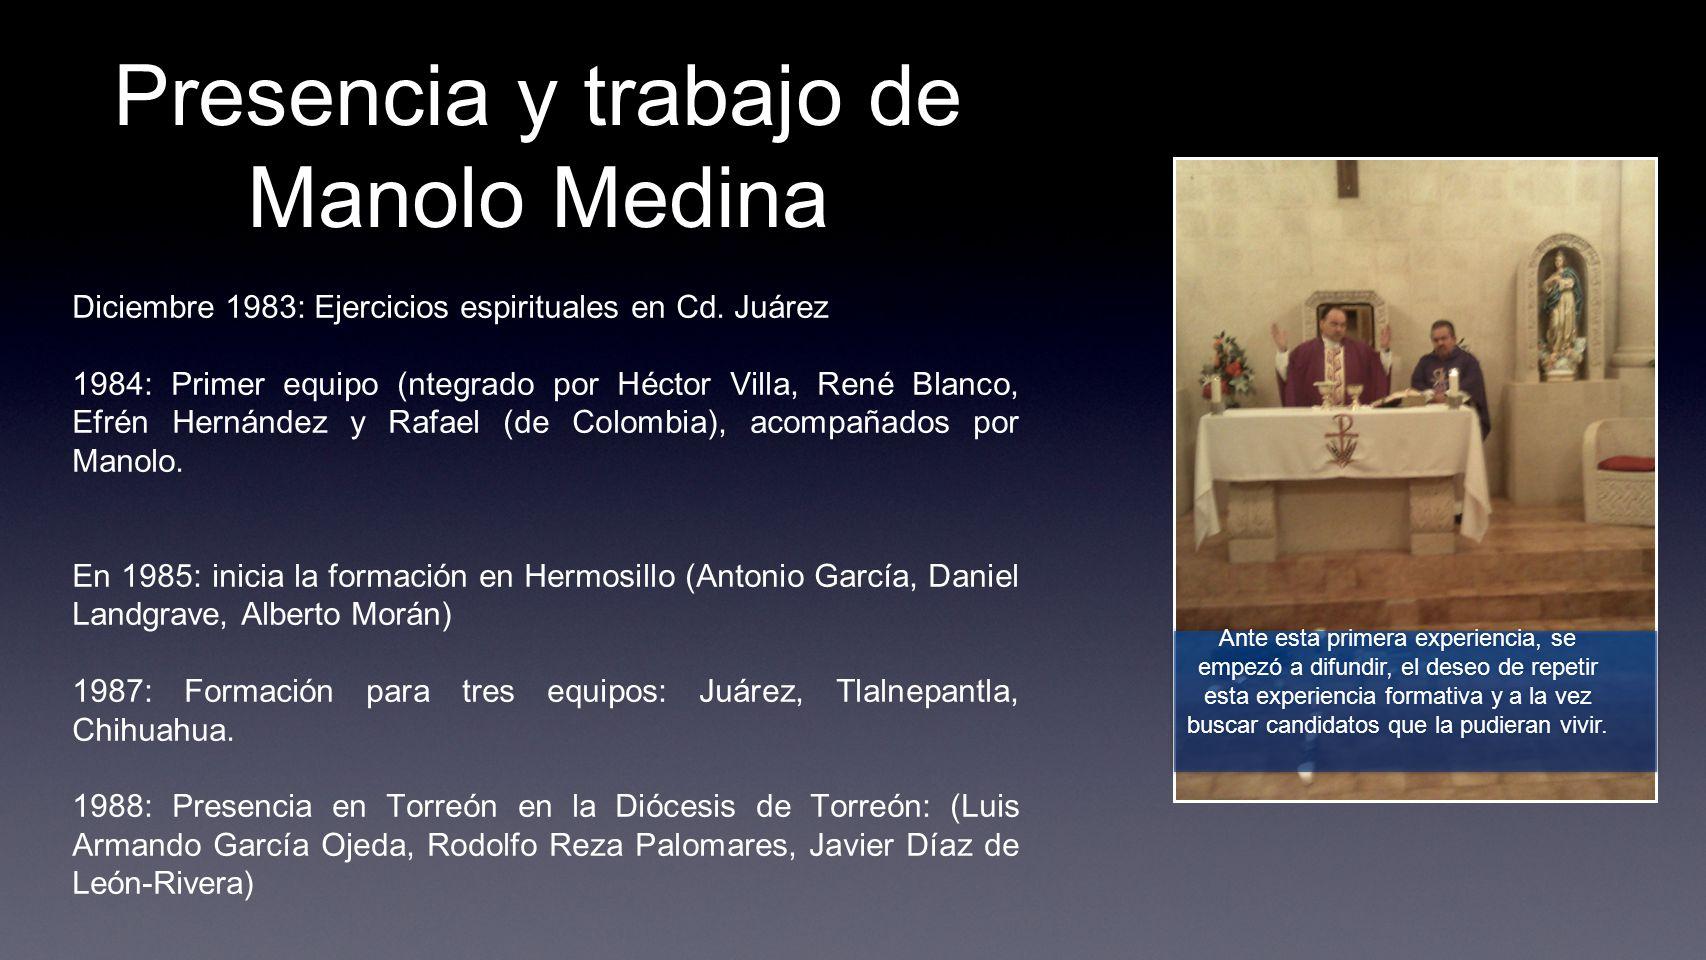 Presencia y trabajo de Manolo Medina Diciembre 1983: Ejercicios espirituales en Cd. Juárez 1984: Primer equipo (ntegrado por Héctor Villa, René Blanco